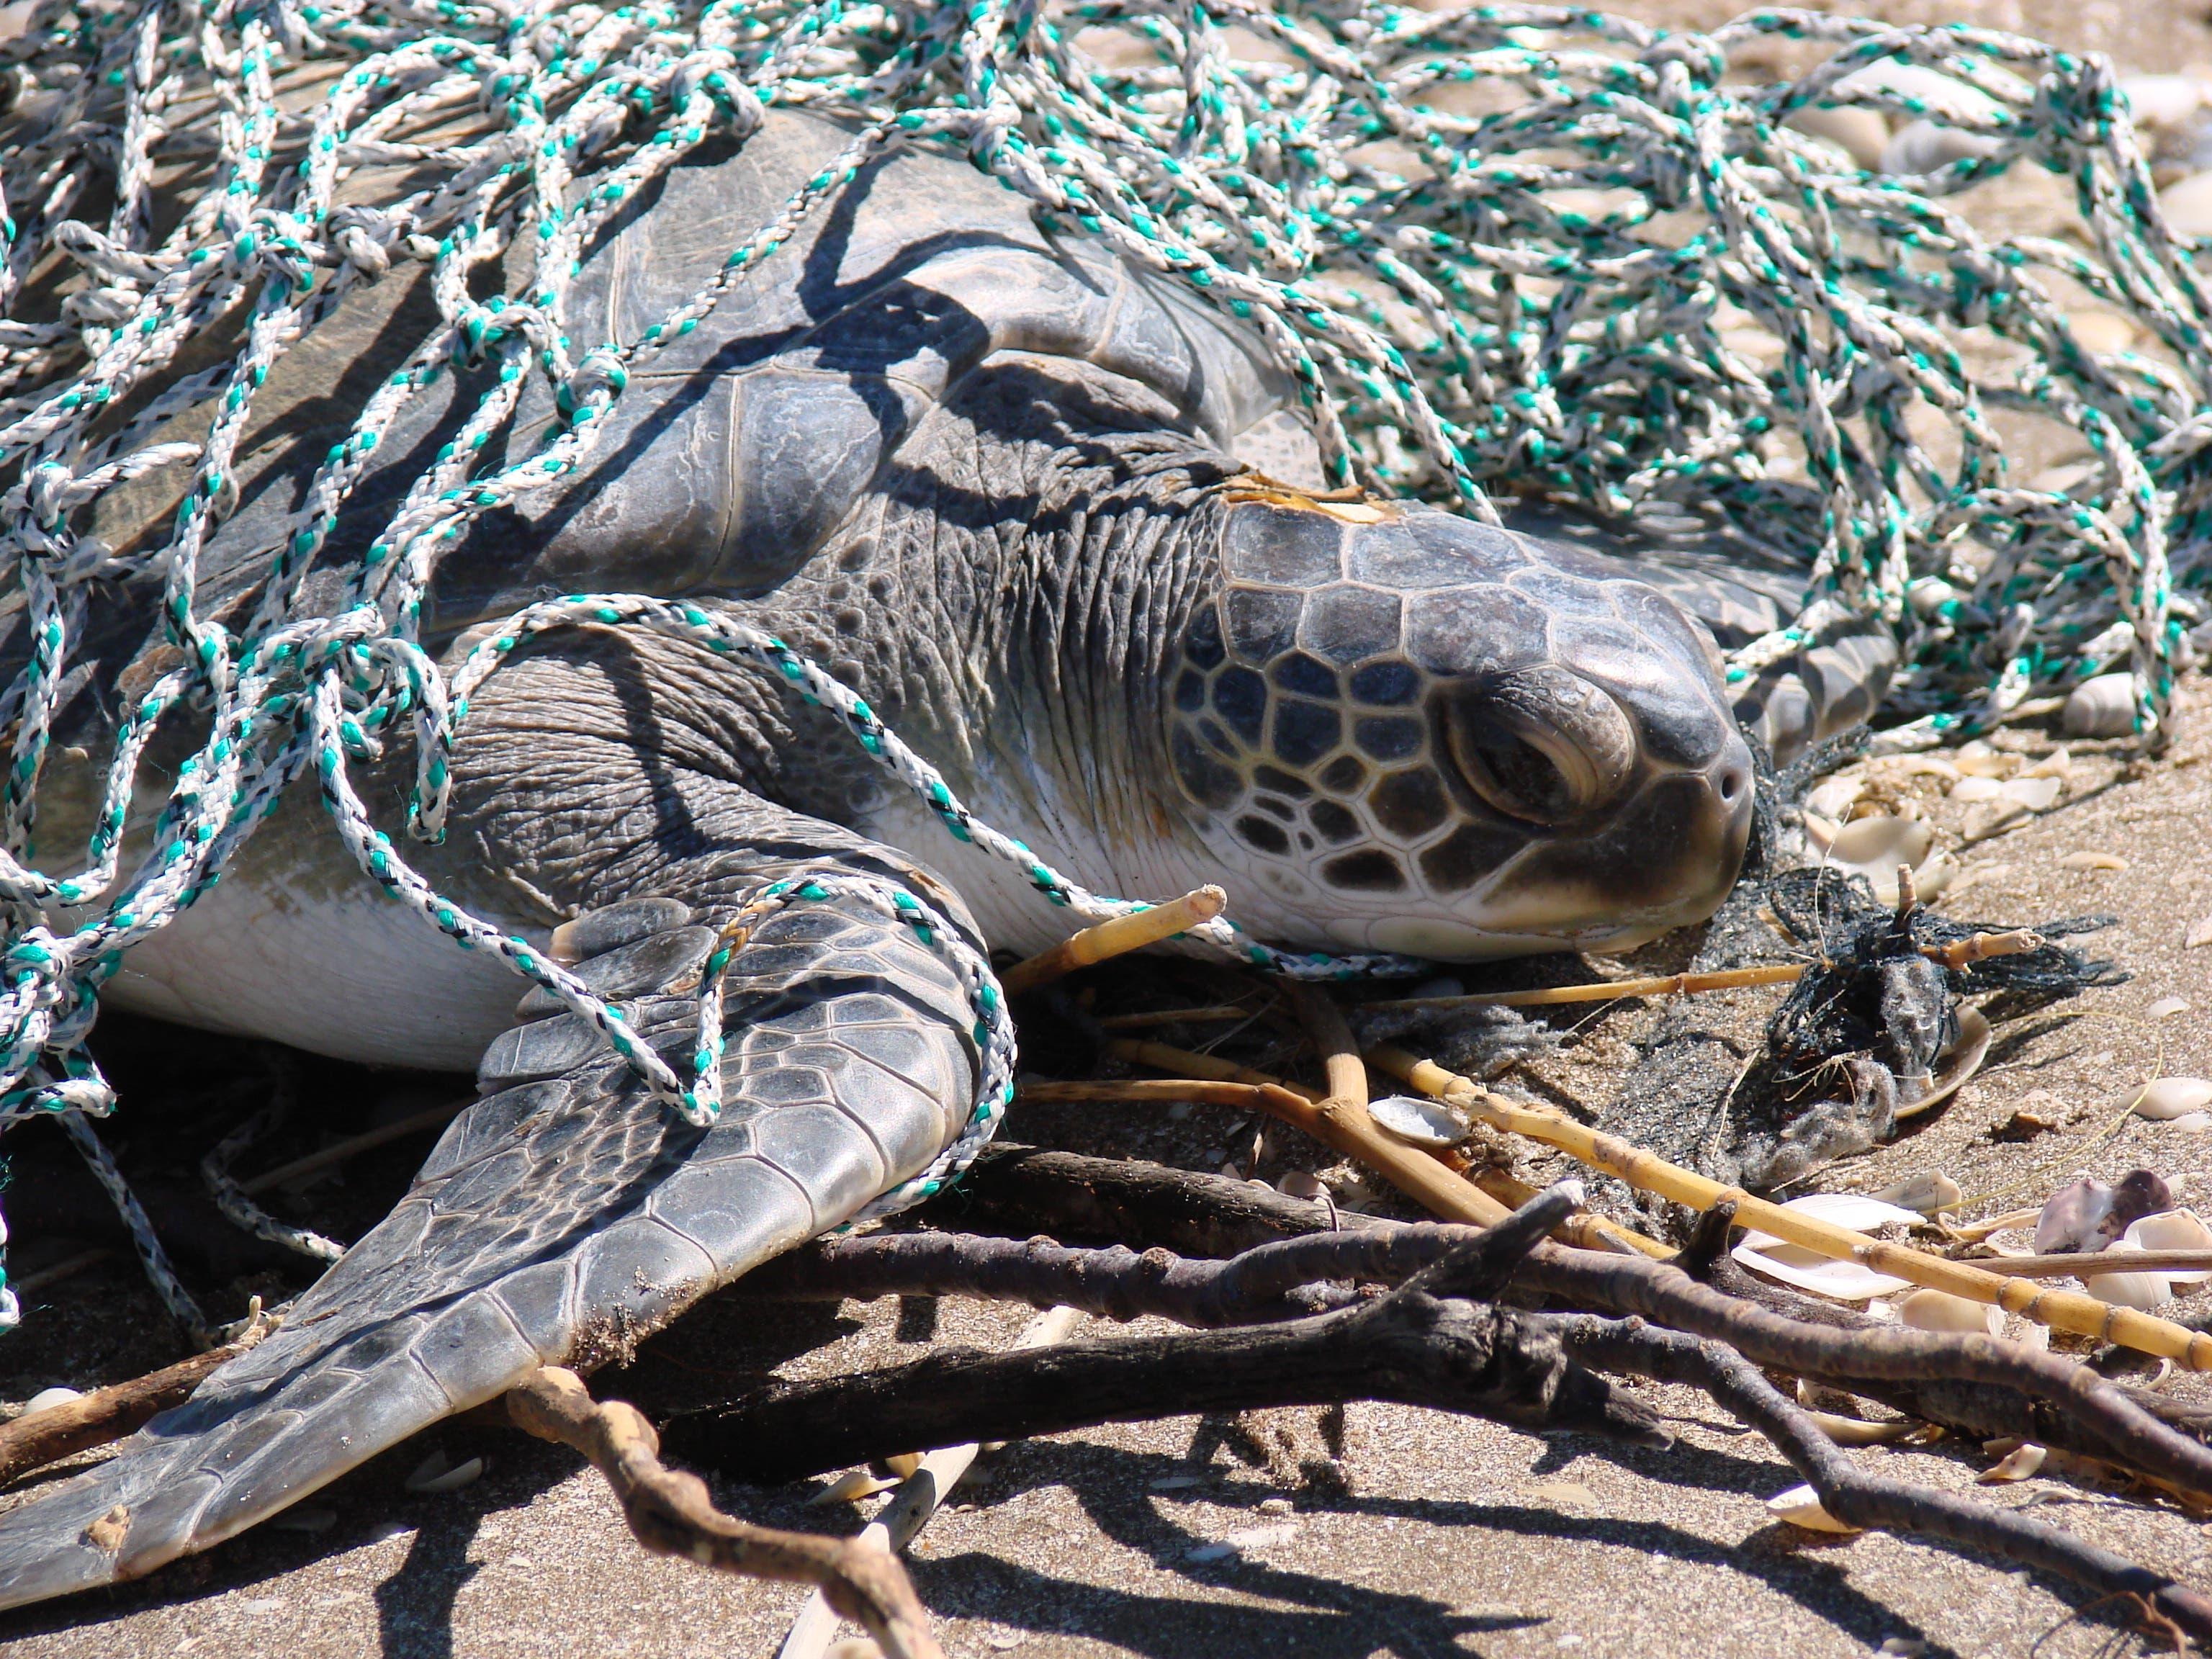 El 97% de las tortugas marinas rescatadas tienen plástico en su estómago